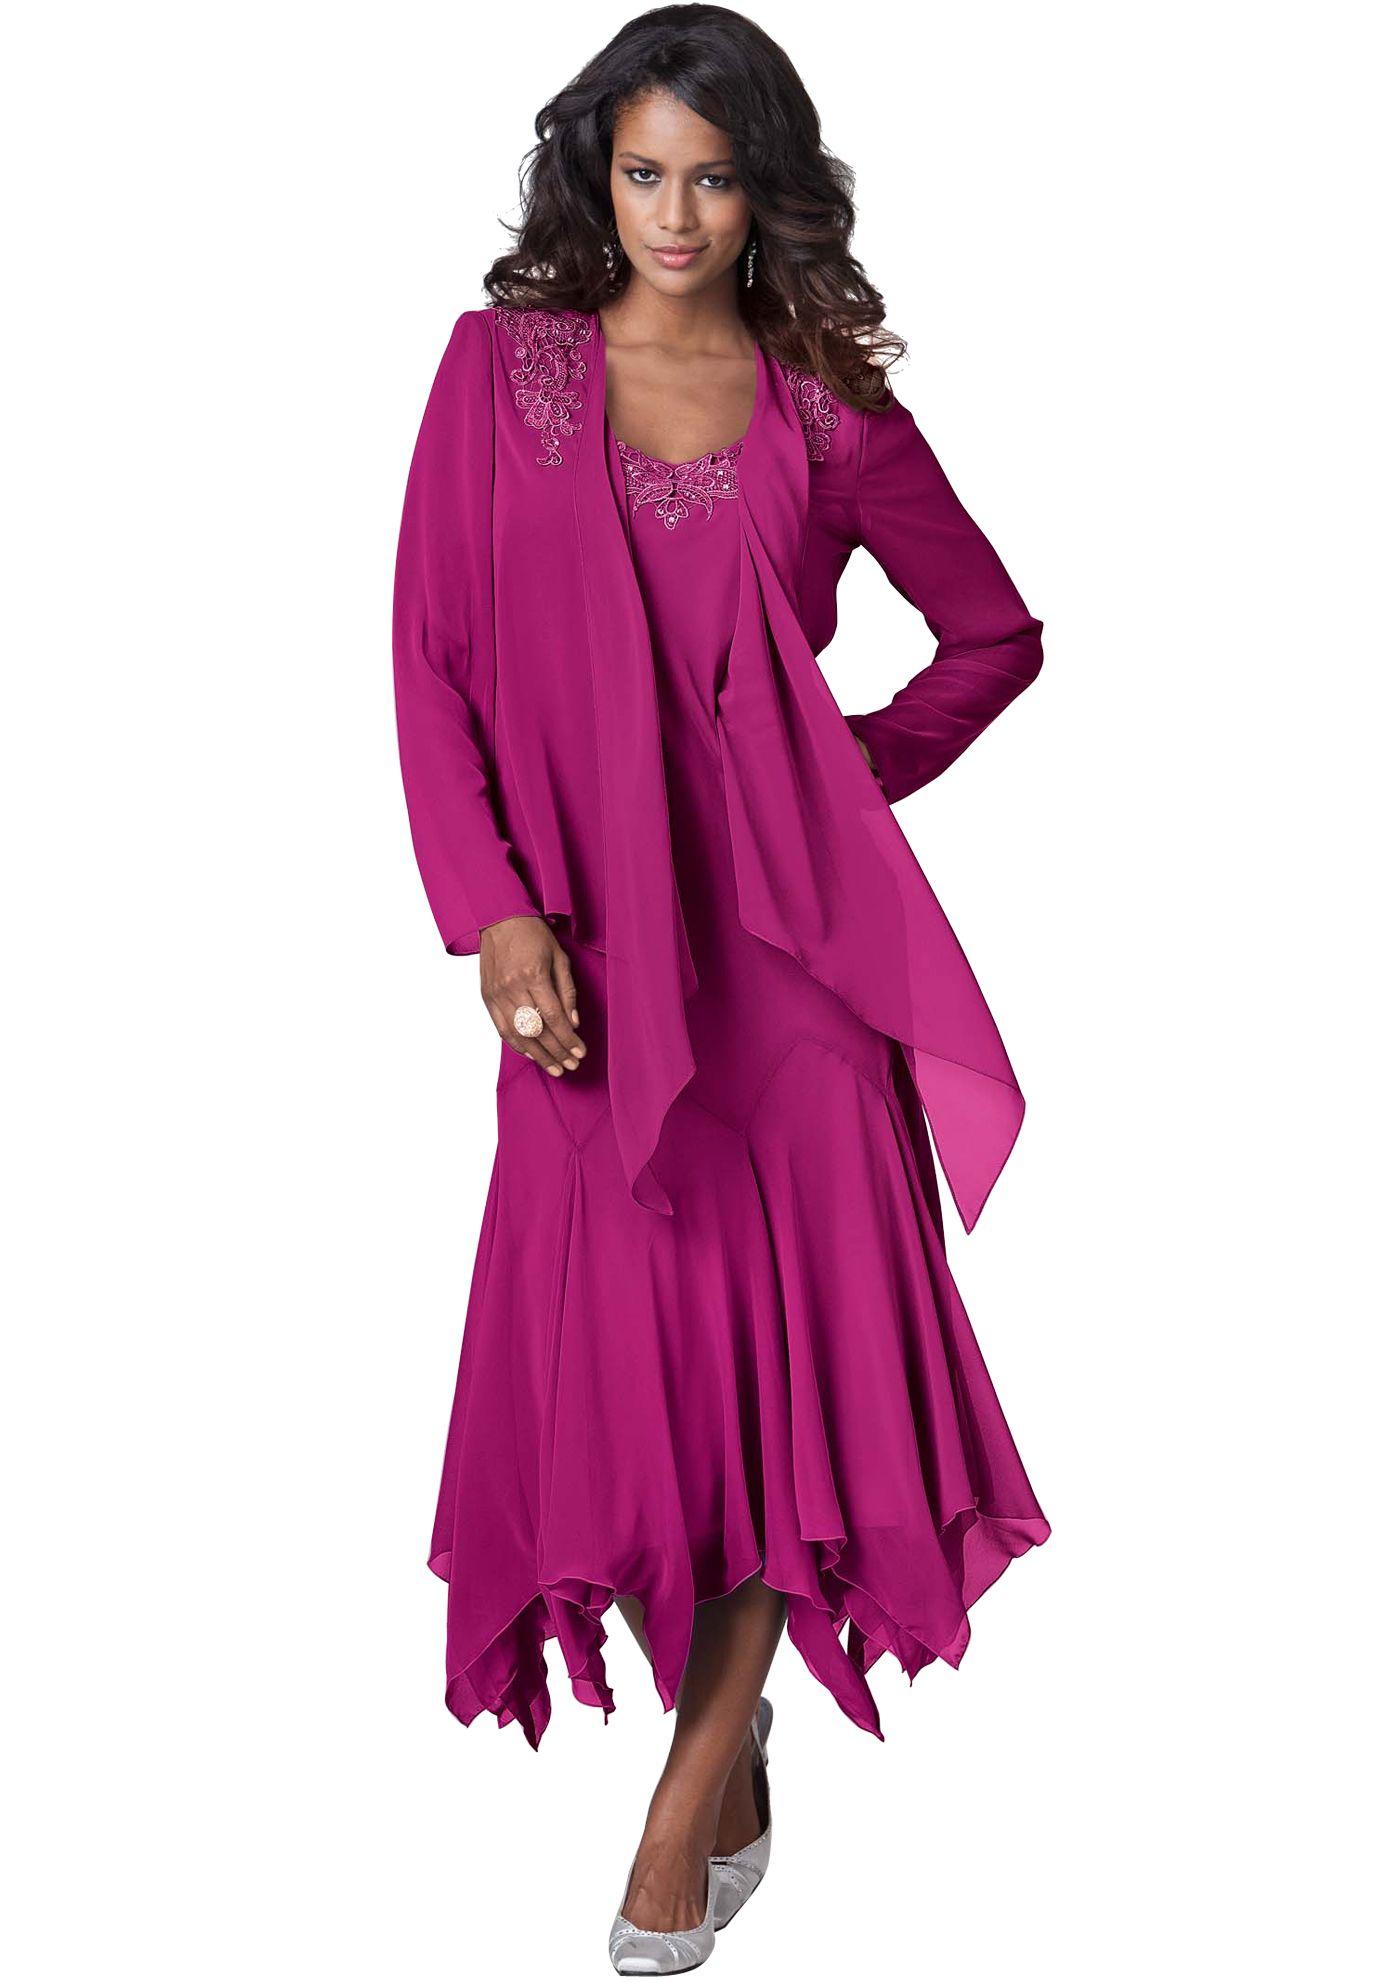 Plus size jacket dress for wedding  Beaded Hankie Hem Fit u Flare Jacket Dress  Plus Size Wedding